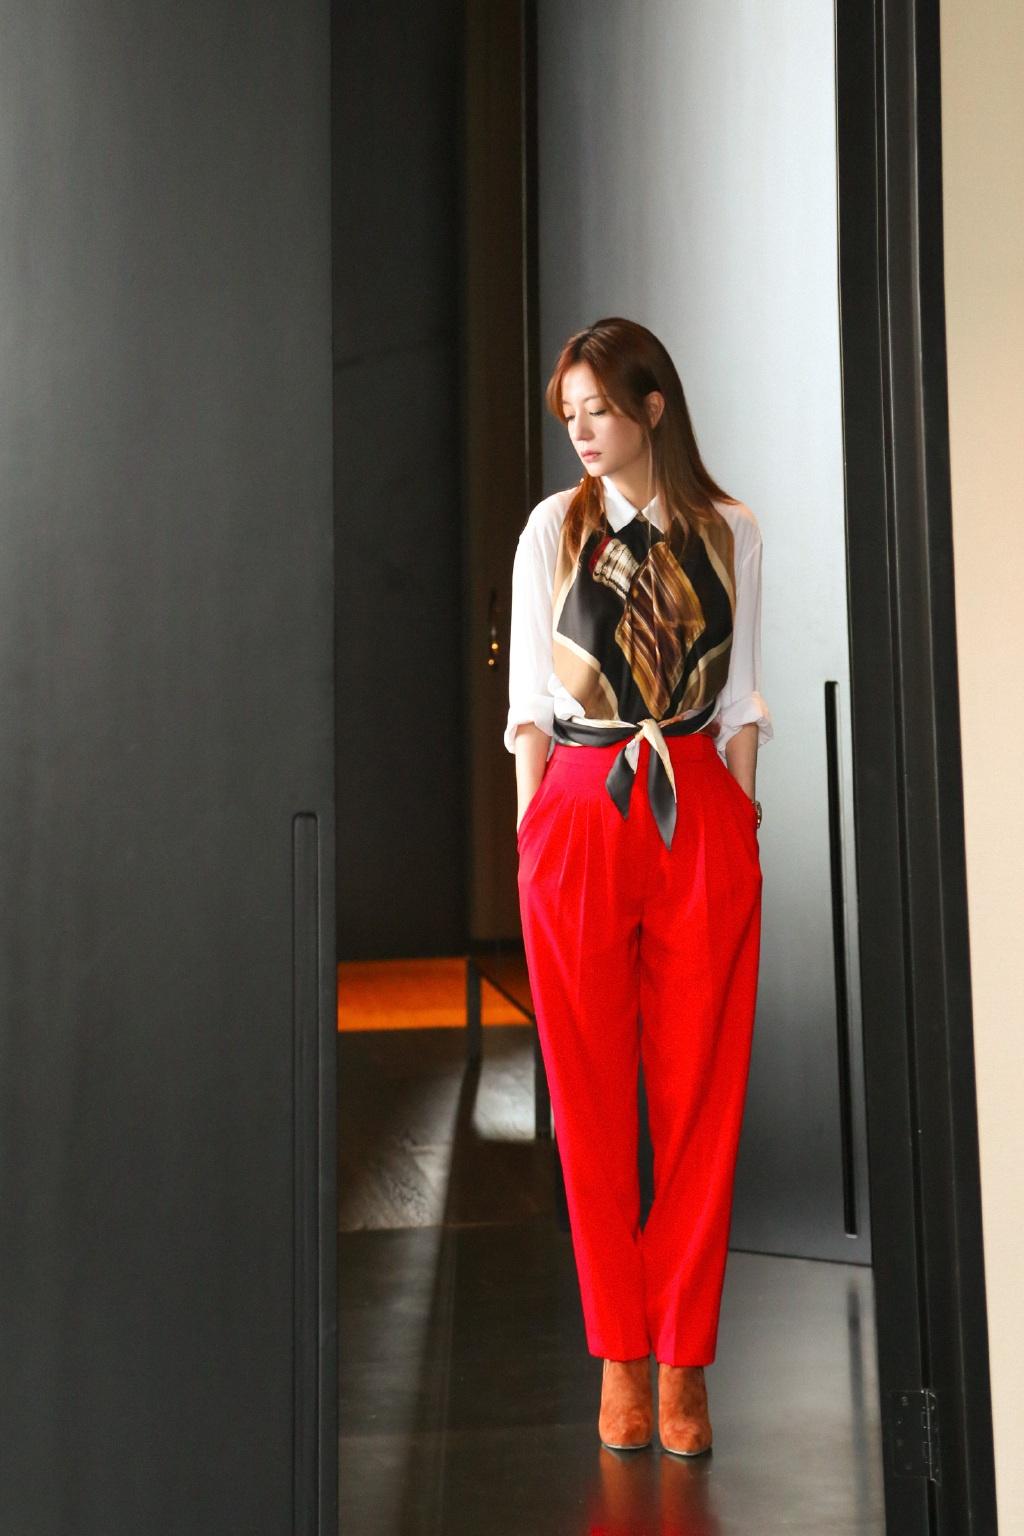 Quần màu đỏ kết hợp với áo màu gì?